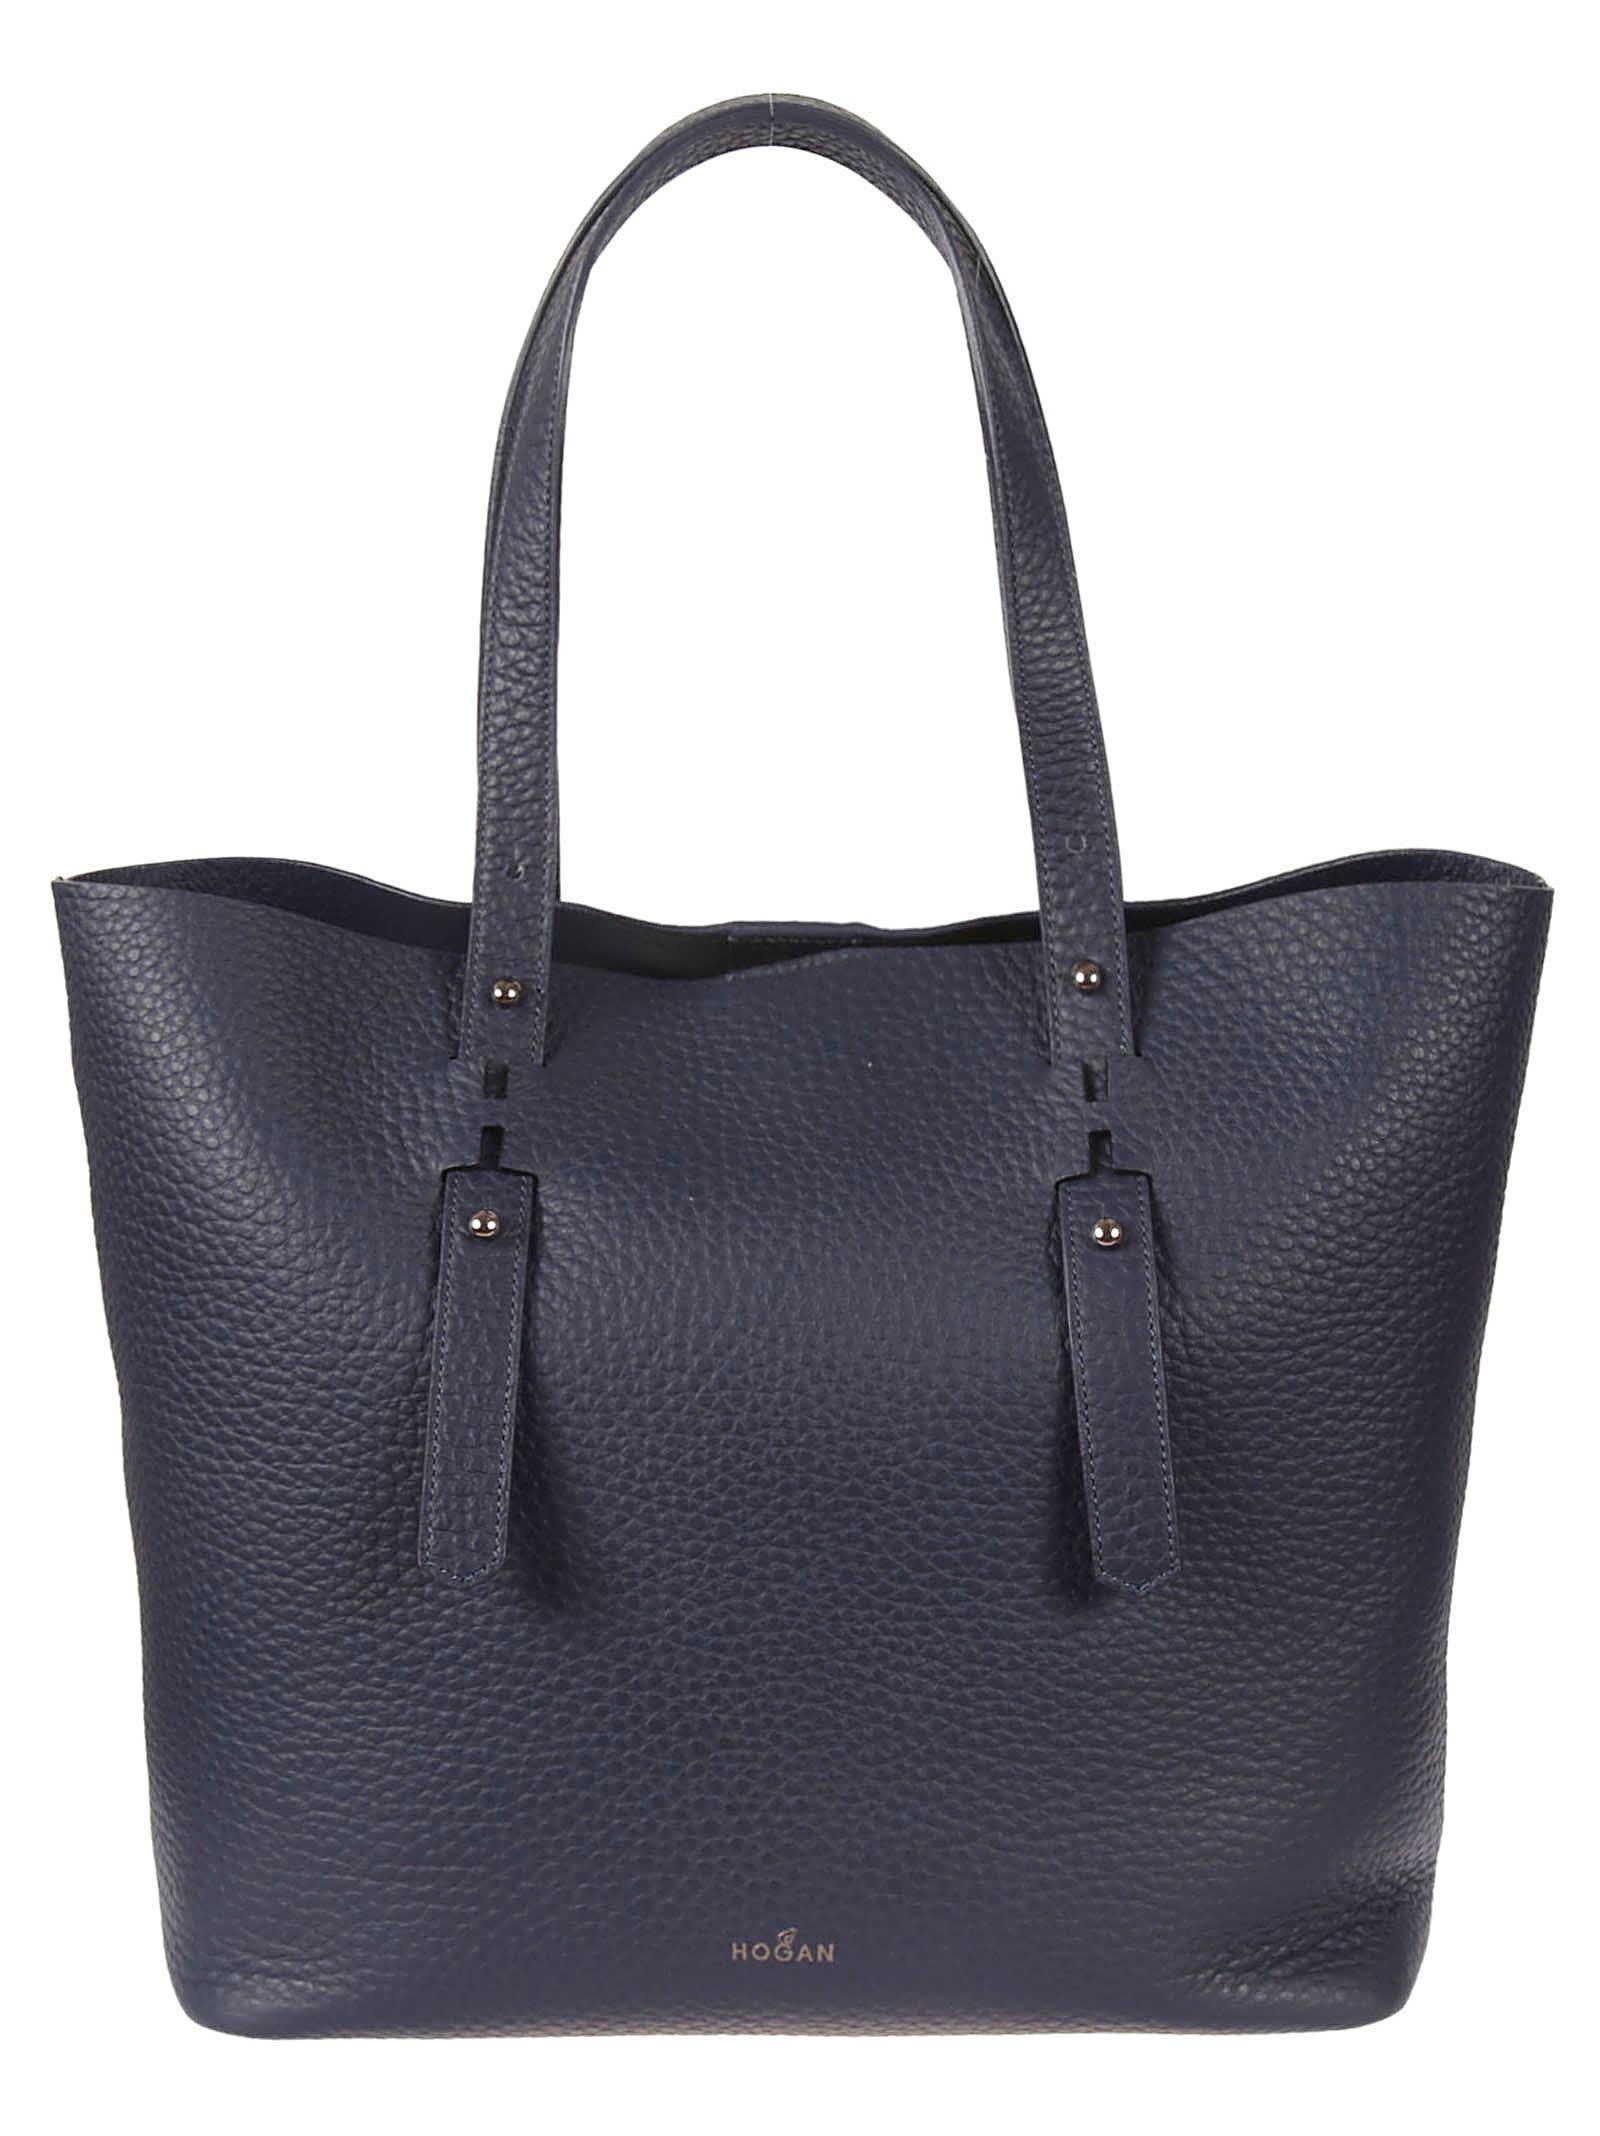 Hogan Matelassé Shopper Bag